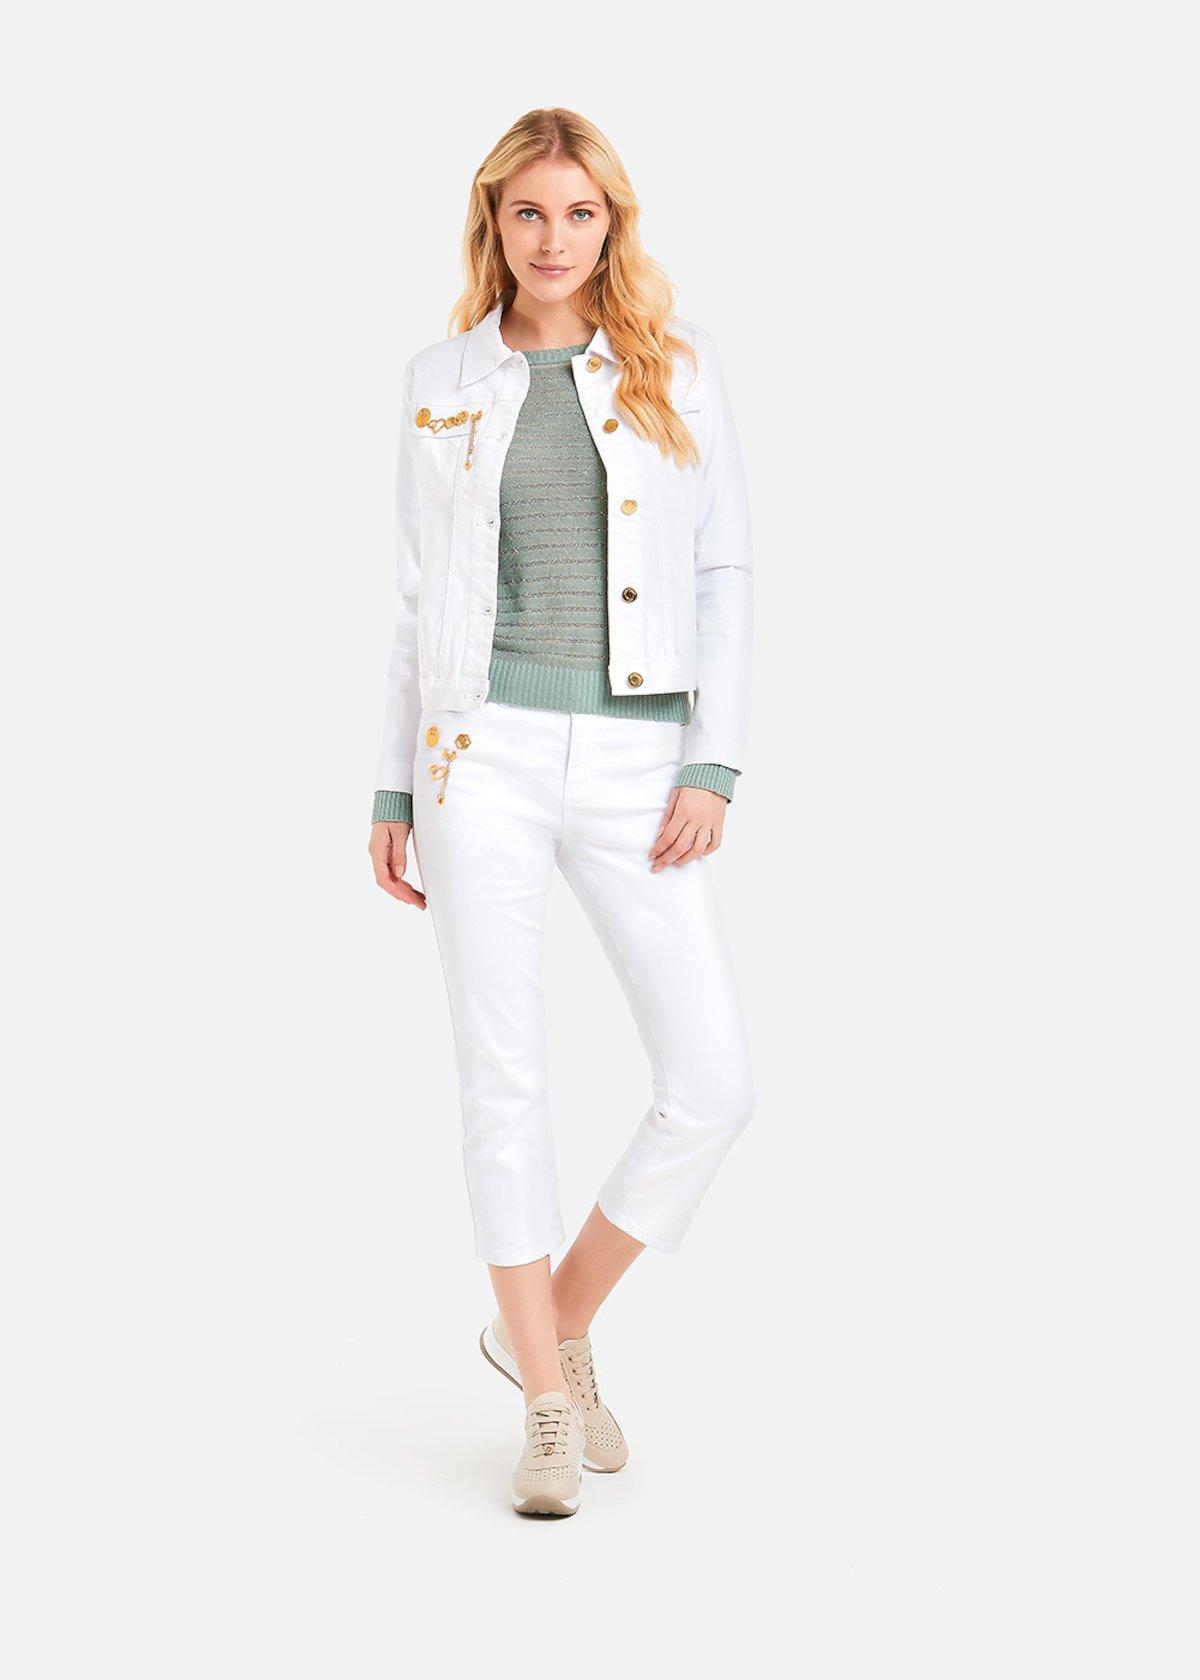 Pantaloni Pretty con dettagli light gold rose